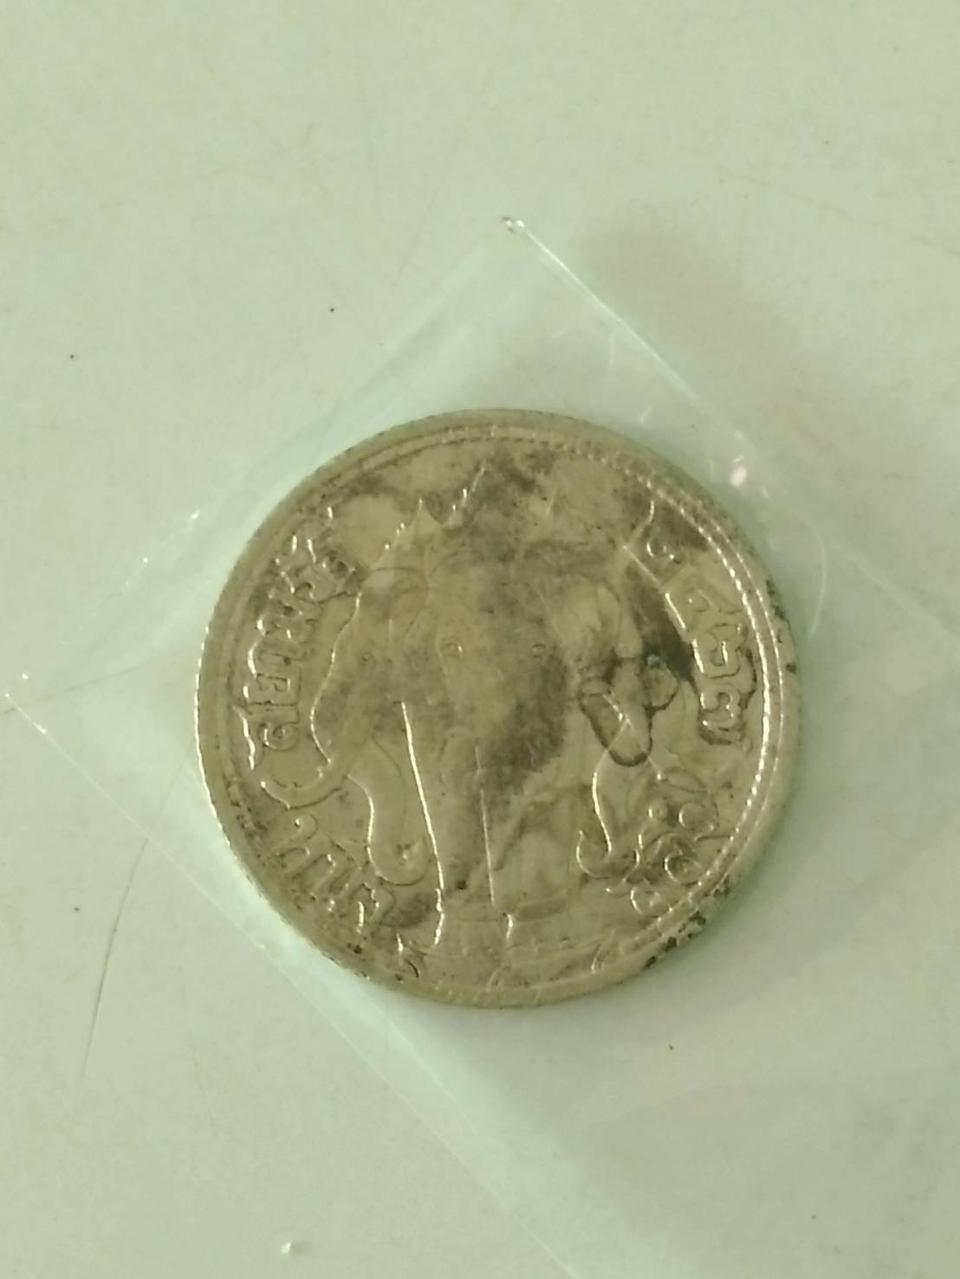 5272 เหรียญเนื้อเงิน ร.6 ปี 2467 ราคาหนึ่งสลึง ช้างสามเศียร รูปที่ 3